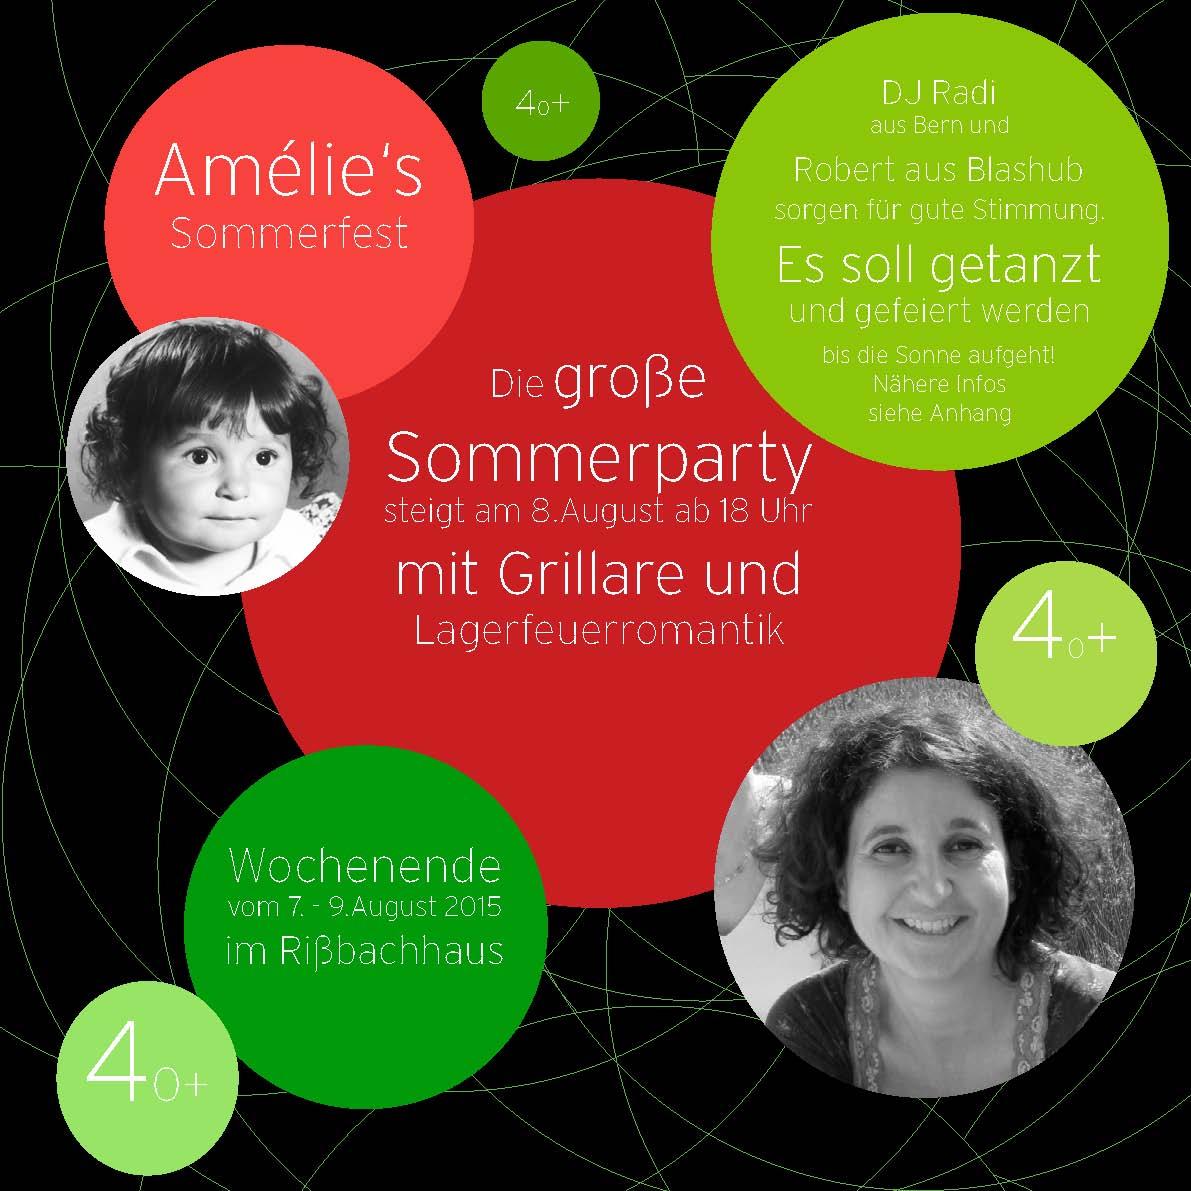 Amélies Sommerfest